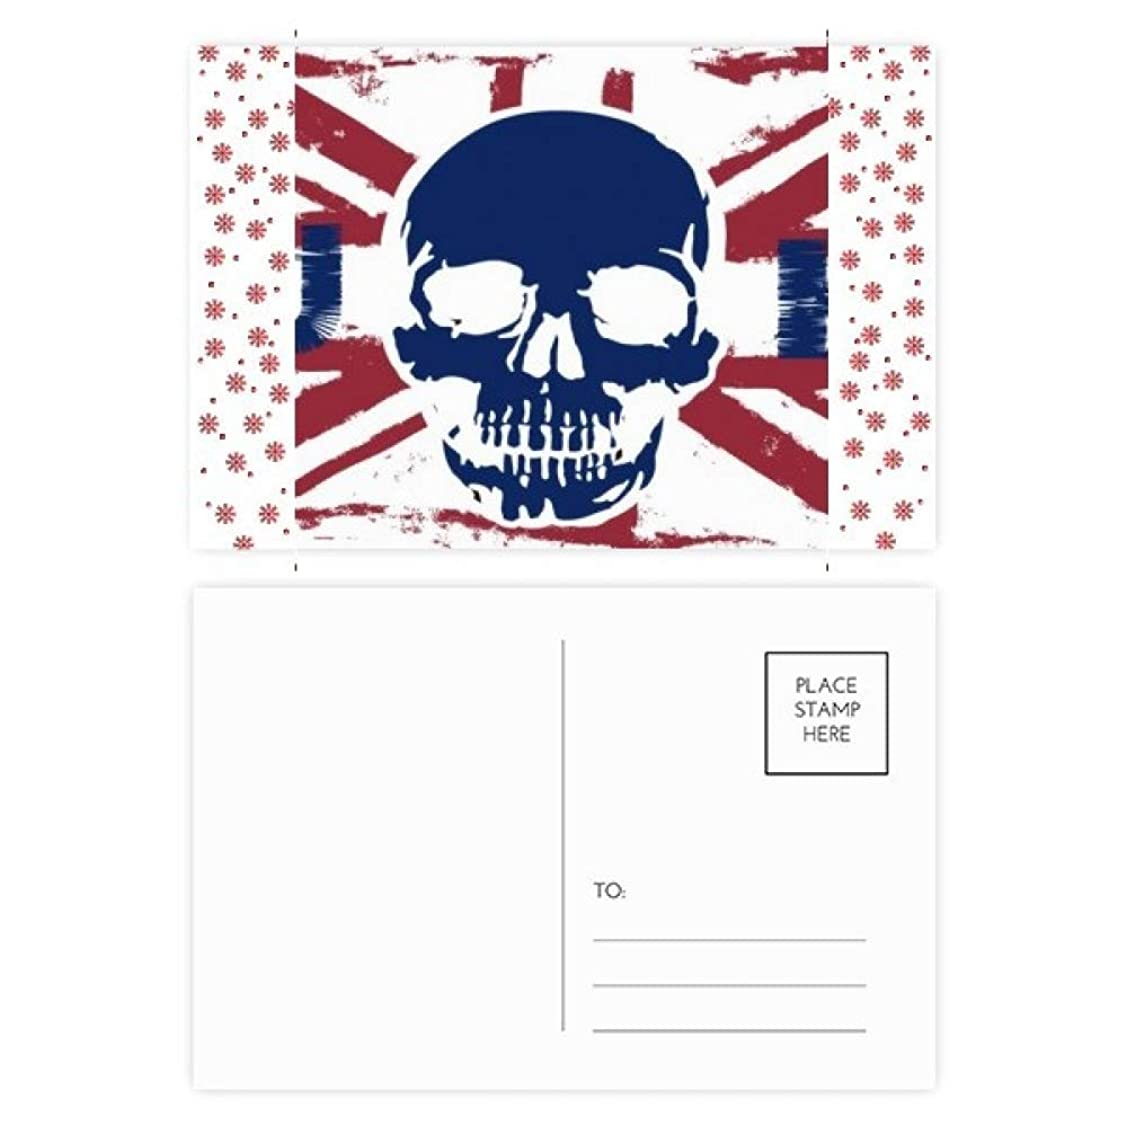 咽頭学習セールスマン人間の骨格の英国のユニオンジャック英国旗のマークパターンのランドマークのイラスト クリスマスの花葉書を20枚祝福する